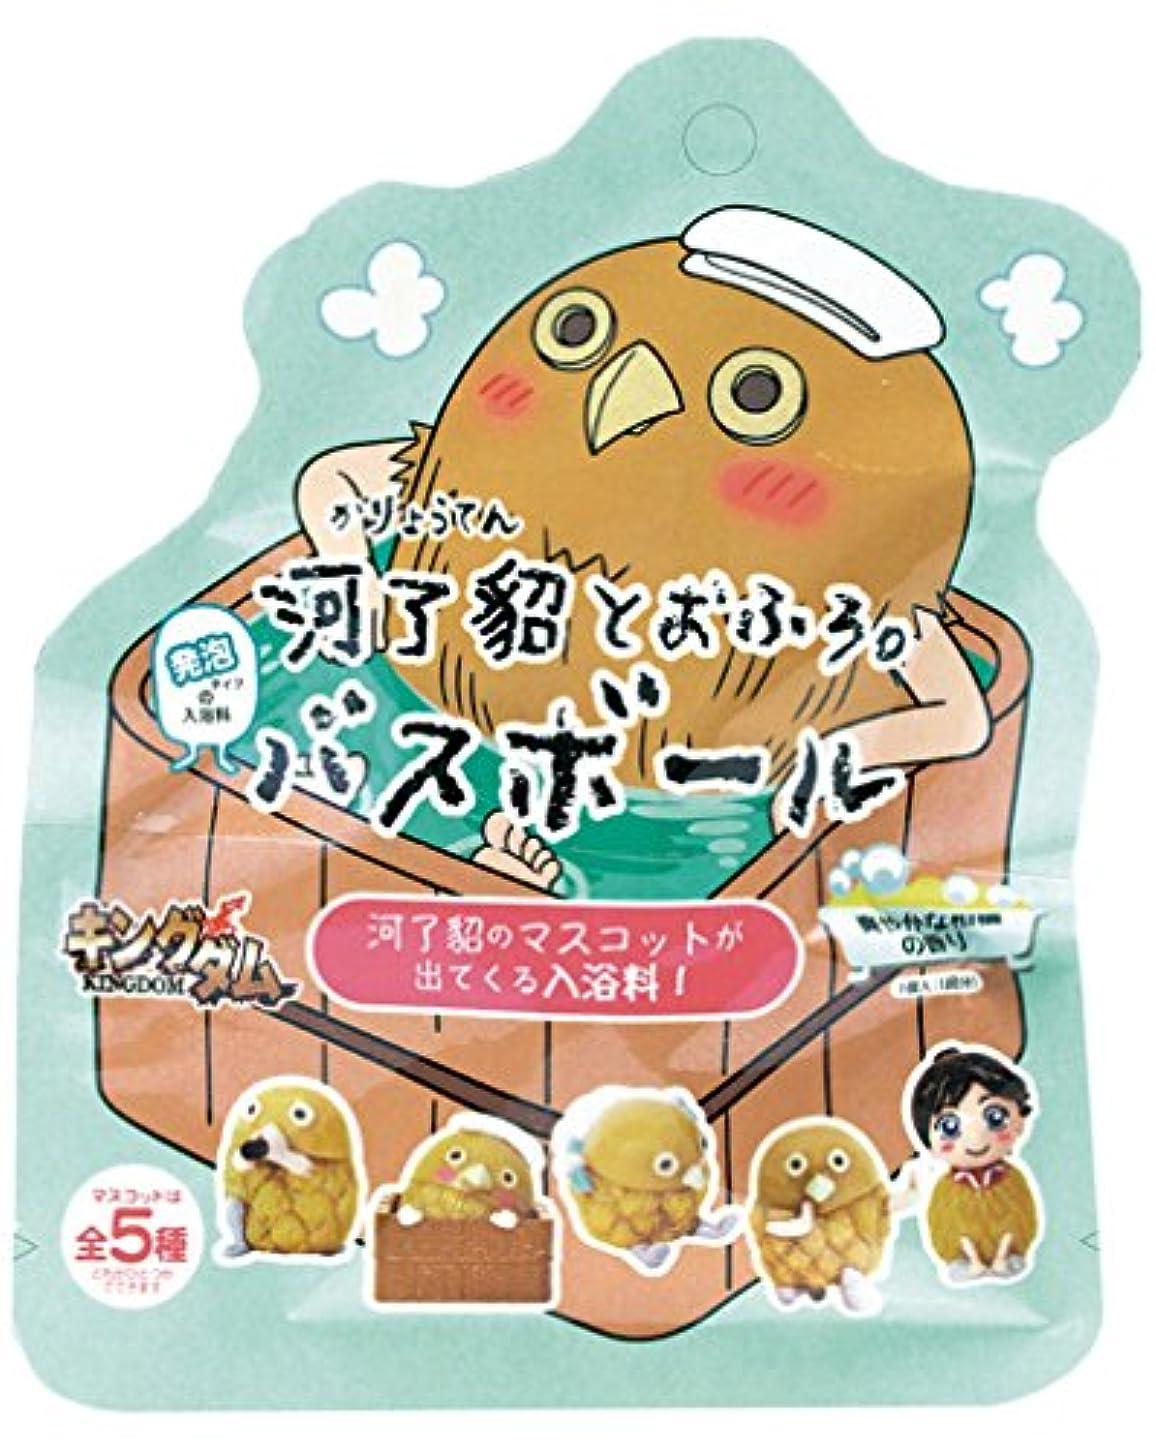 歴史ラウズひばりキングダム 入浴剤 バスボール 柑橘の香り 60g マスコット入り OB-GMB-1-1